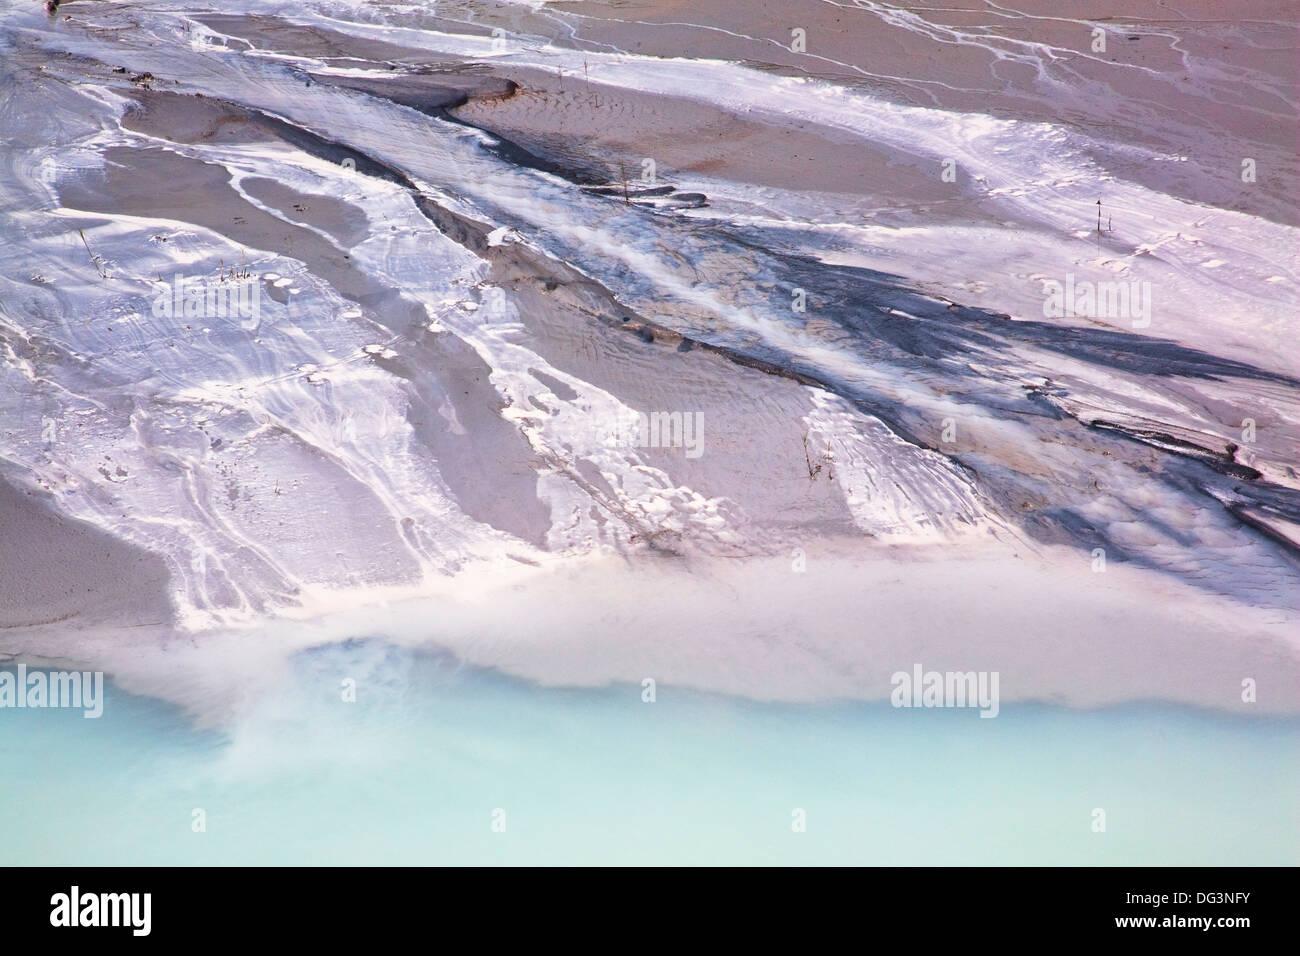 La contaminación industrial de la escorrentía de una cercana fábrica de corte de granito Imagen De Stock